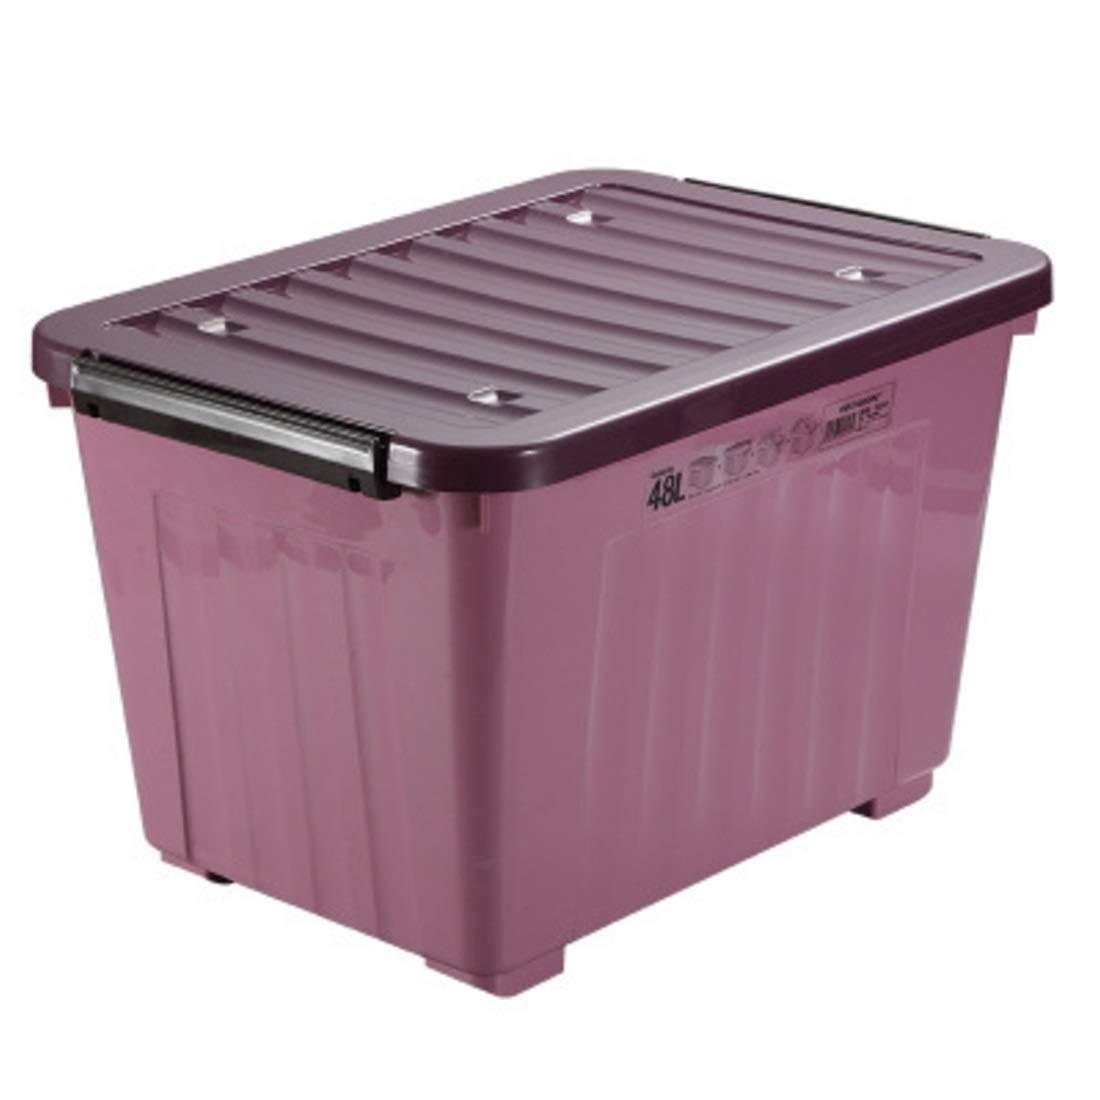 Summerys プラスチック中小カバー付き収納ボックス、ホームデパート、プラスチック収納ボックス (Color : Purple medium) B07Q1W5LWK Purple medium